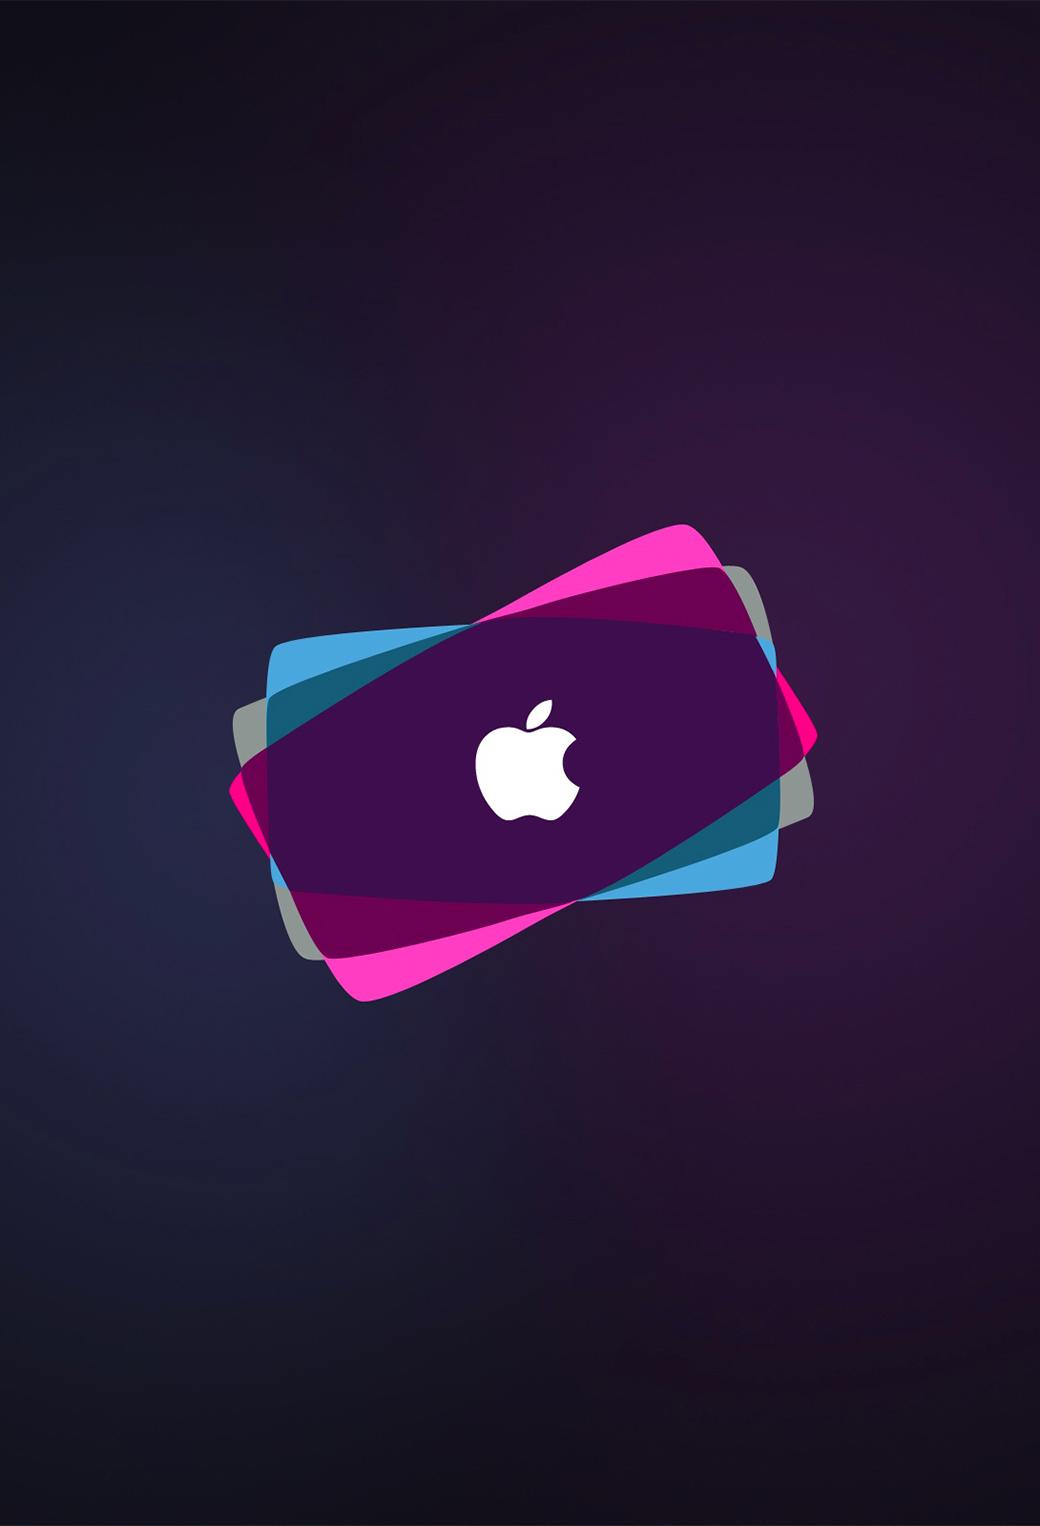 Les 3 Wallpapers iPhone du jour (27/11/13) - AppSystem